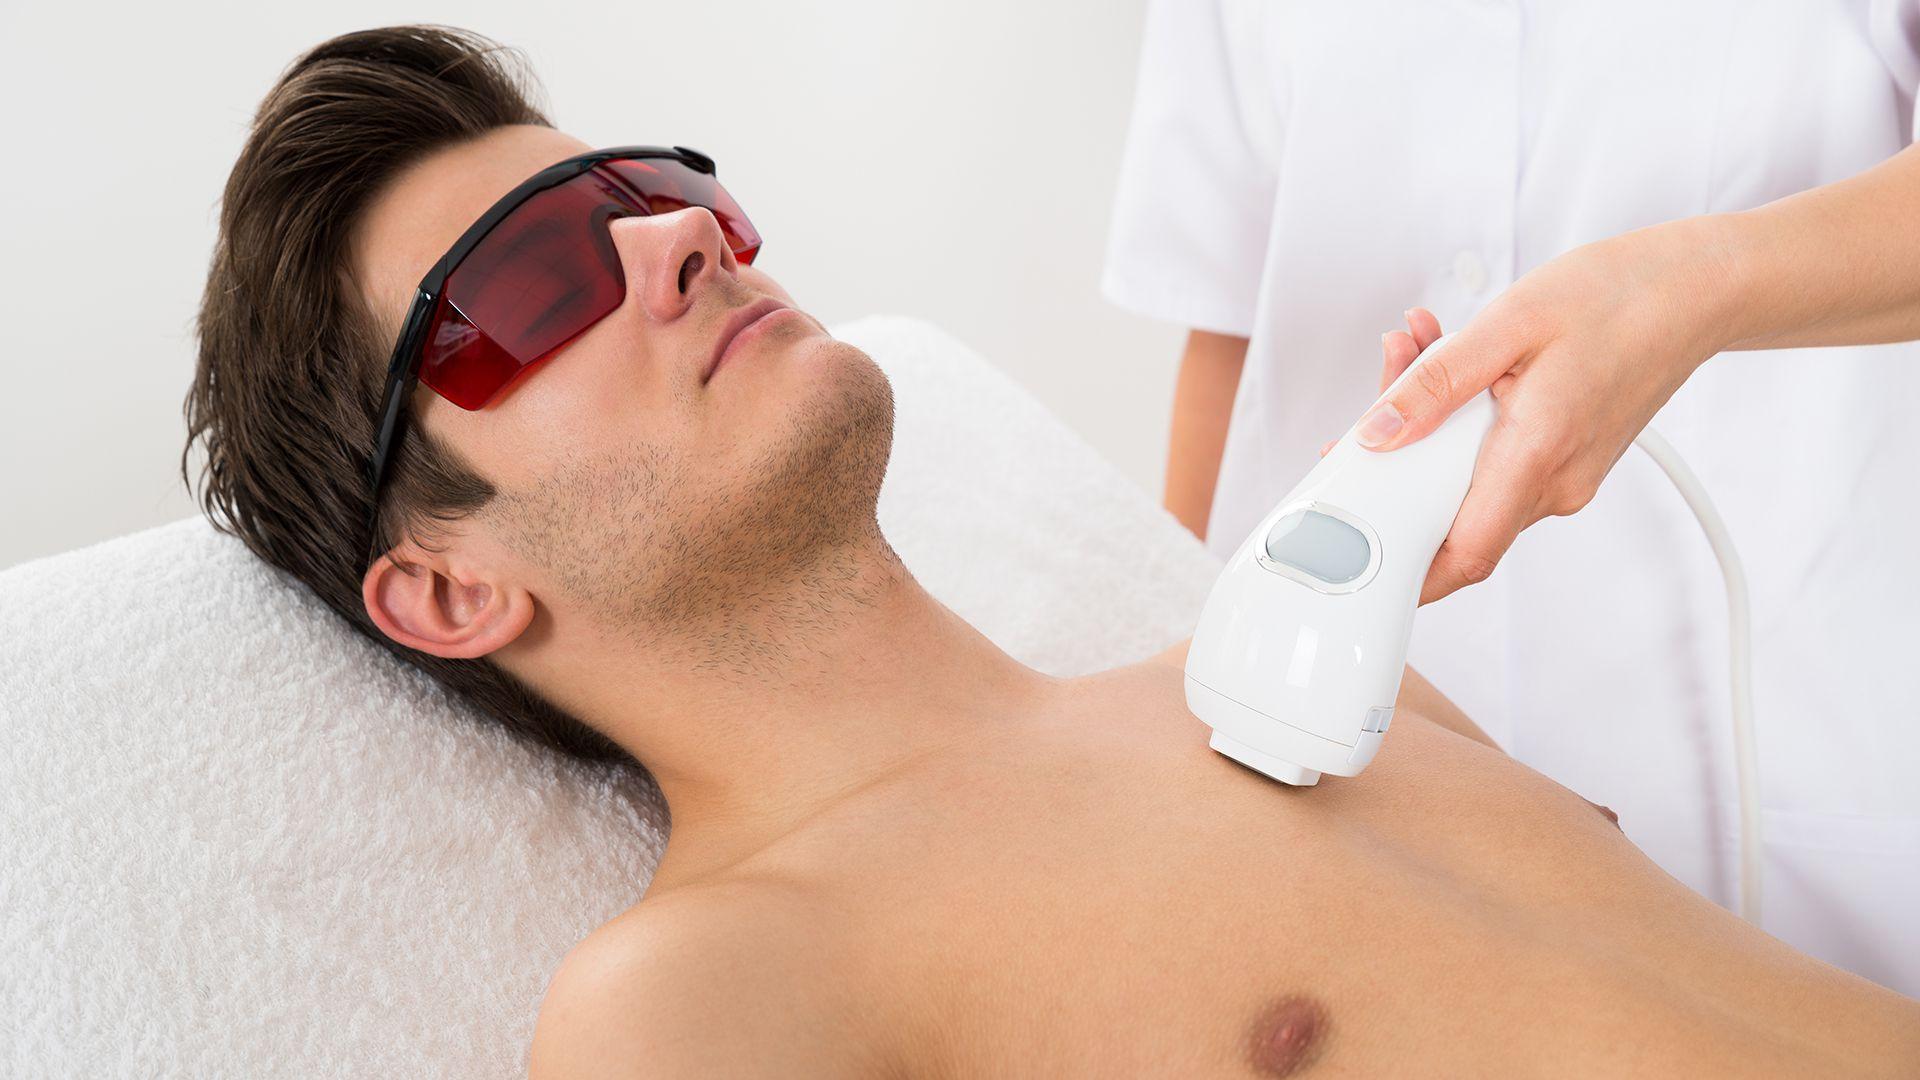 La depilación láser se encuentra entre las opciones no invasivas que más eligen los hombres (Shutterstock)